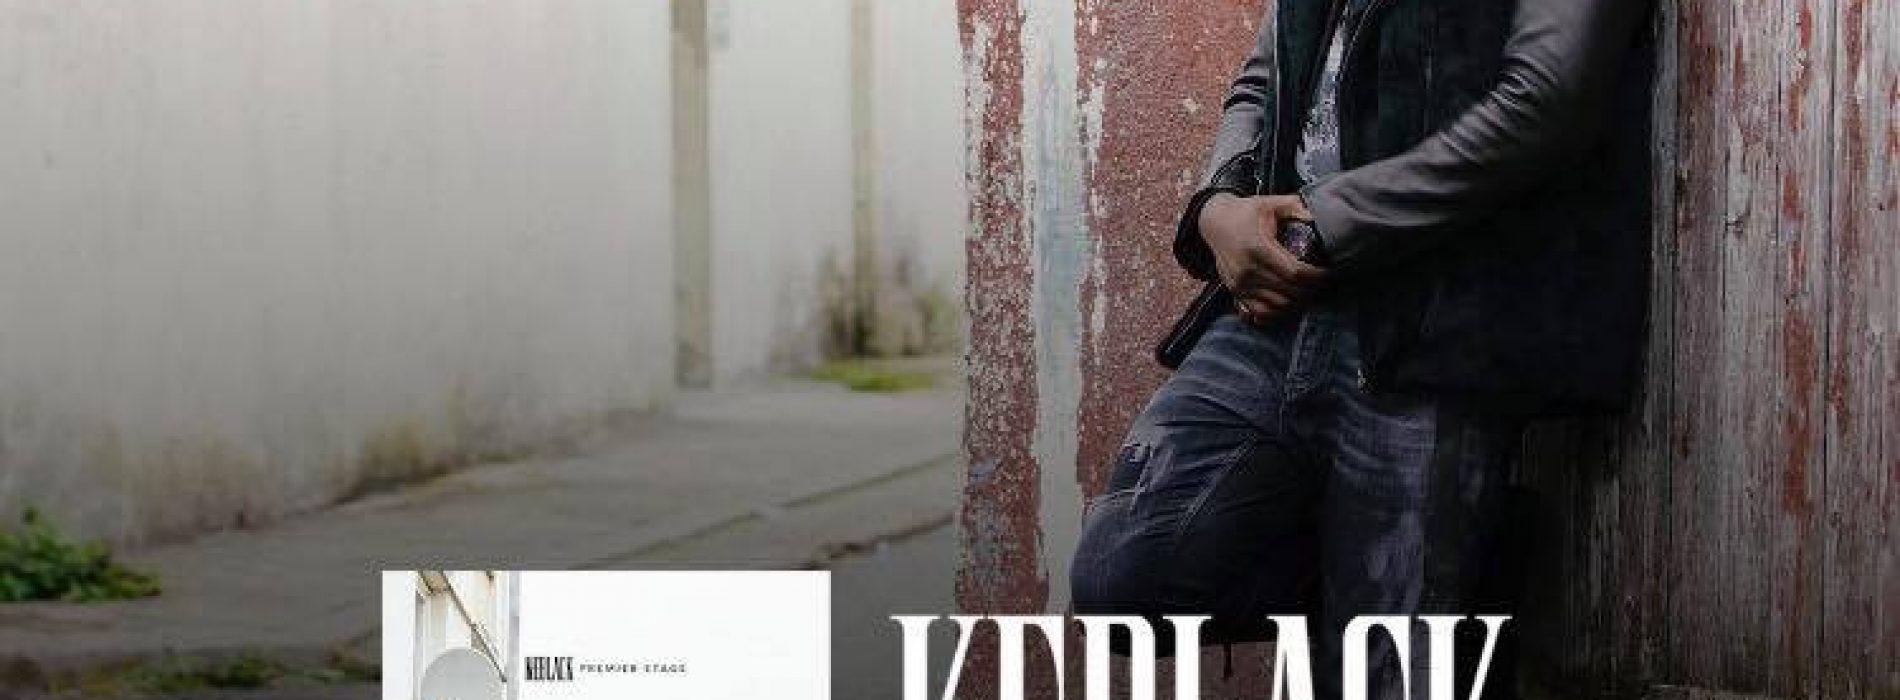 apr s son tube bazard e keblack nous annonce son album pr vu le 27 janvier avec le clip. Black Bedroom Furniture Sets. Home Design Ideas